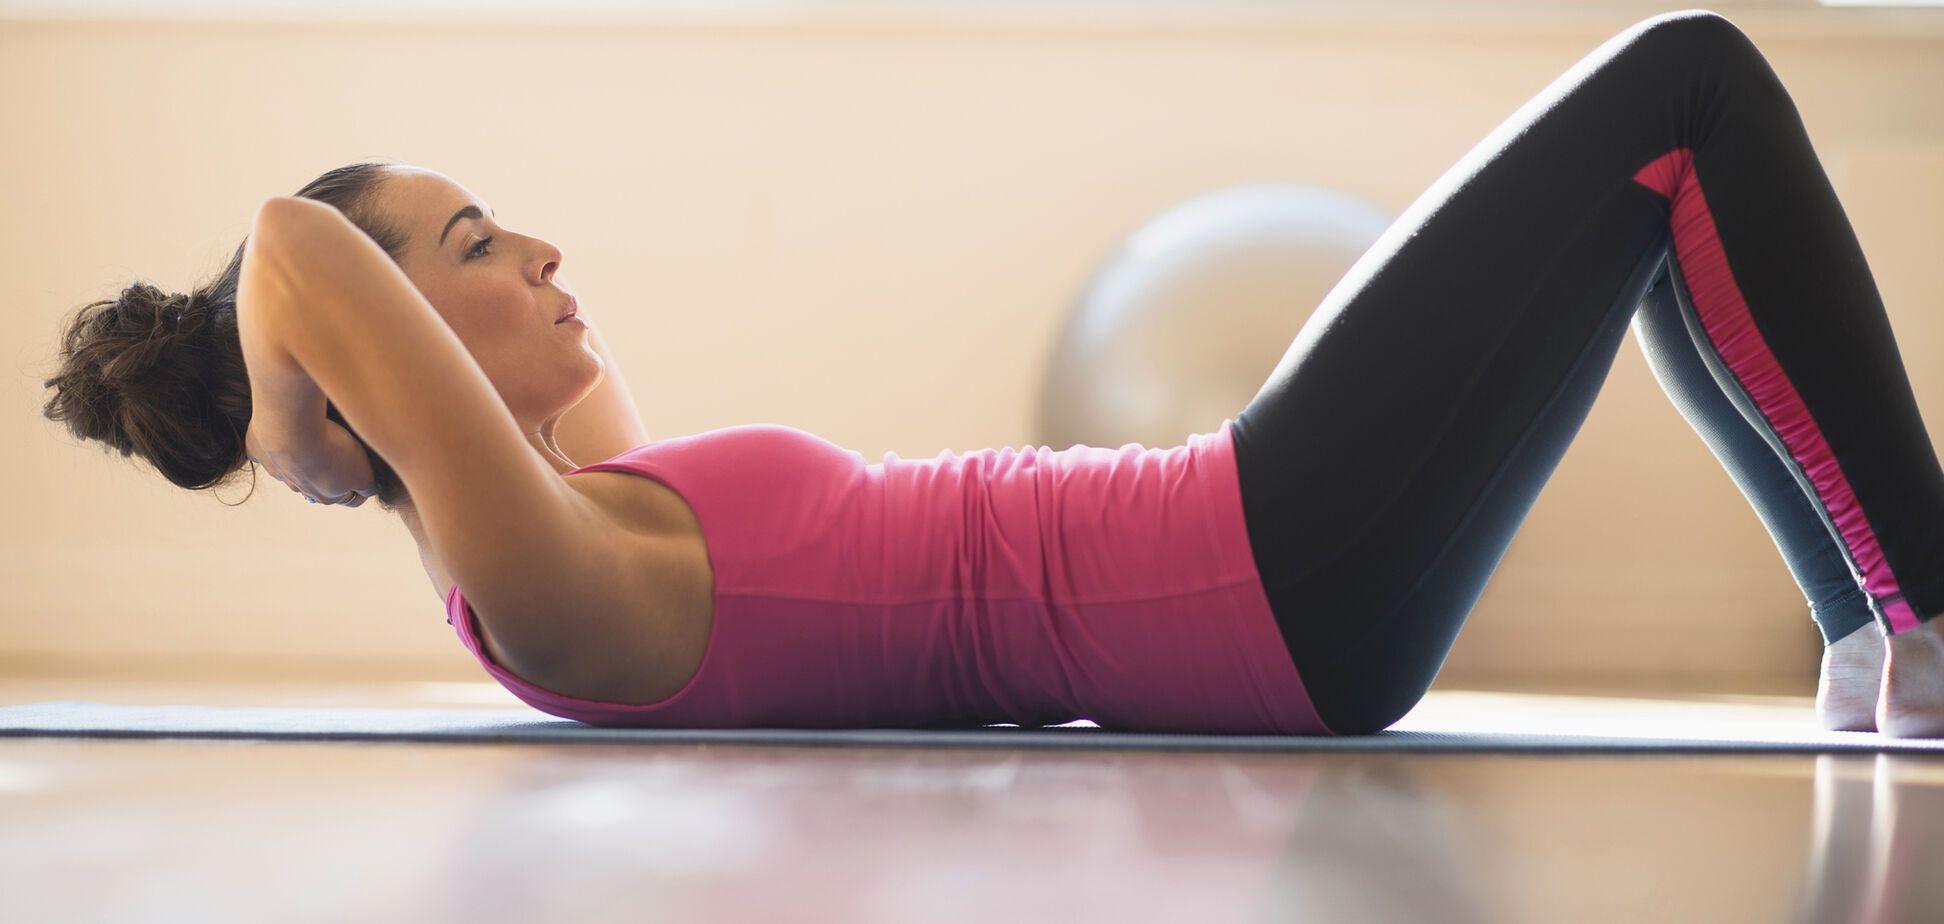 Упражнения для красивого пресса: топ-5 простых и эффективных